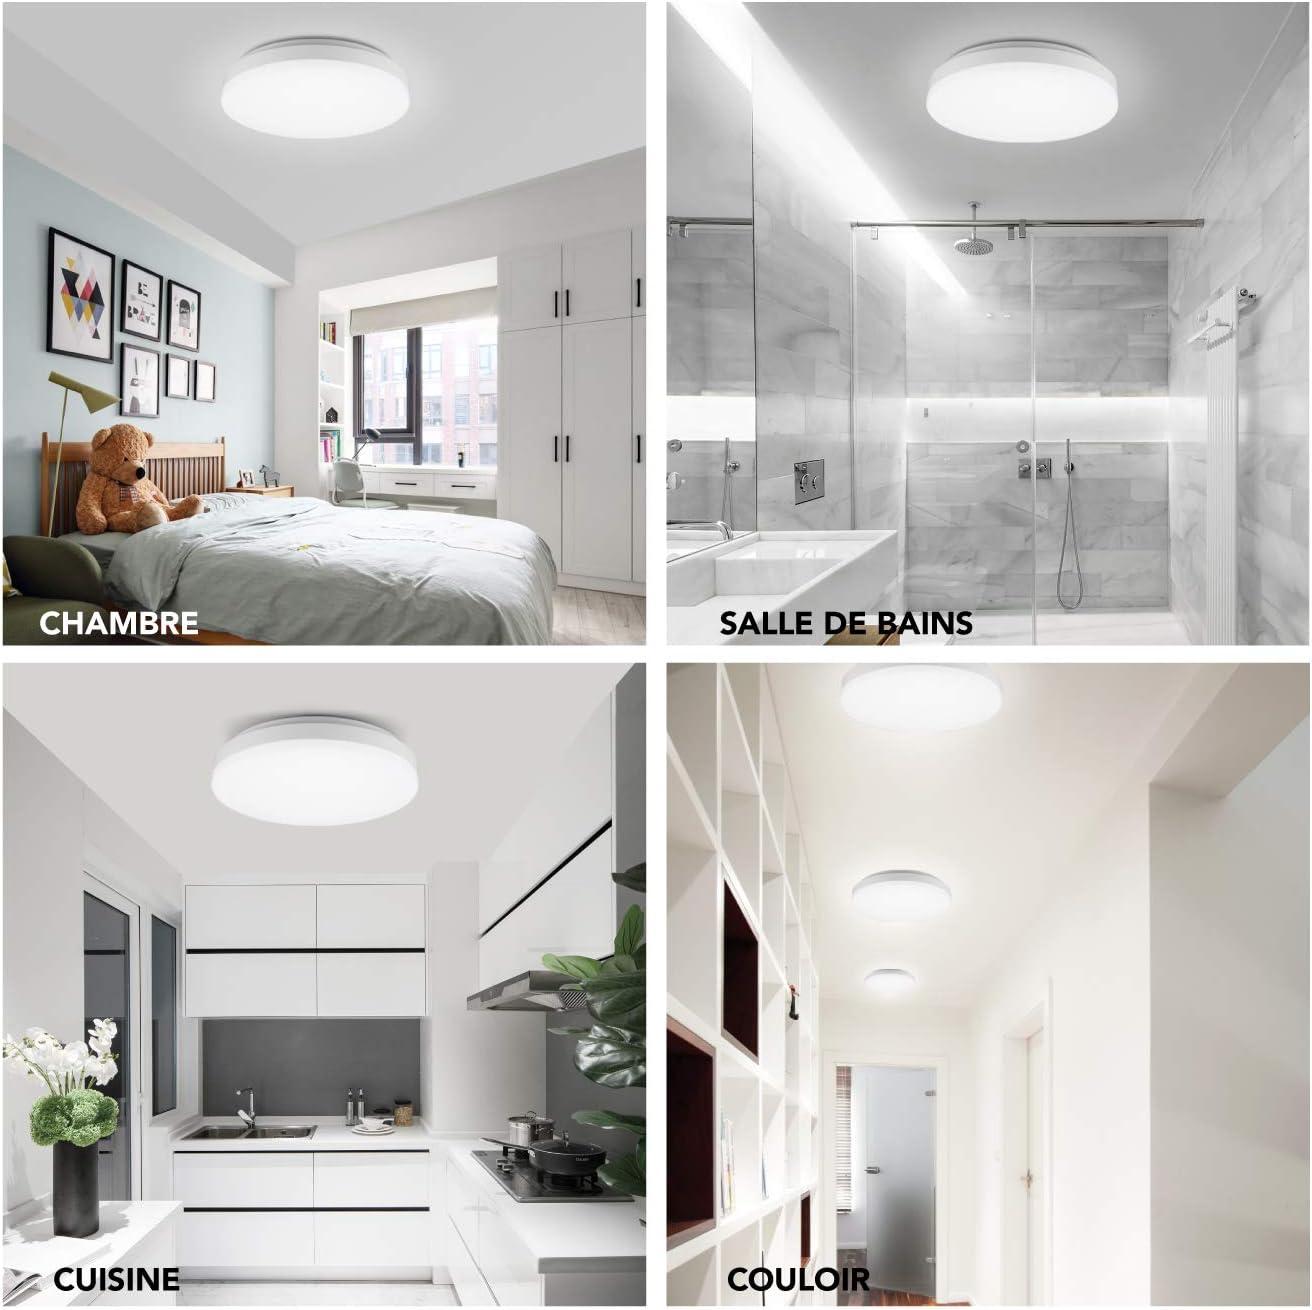 luminaire plafond 5000K Blanc Froid 1200lm Applicable /à chambre,cuisine,salon,balcon,couloir plafonnier ip44 salle de bain carr/é SEEDIQ/® Plafonnier LED 15W Classe /énerg/étique A+